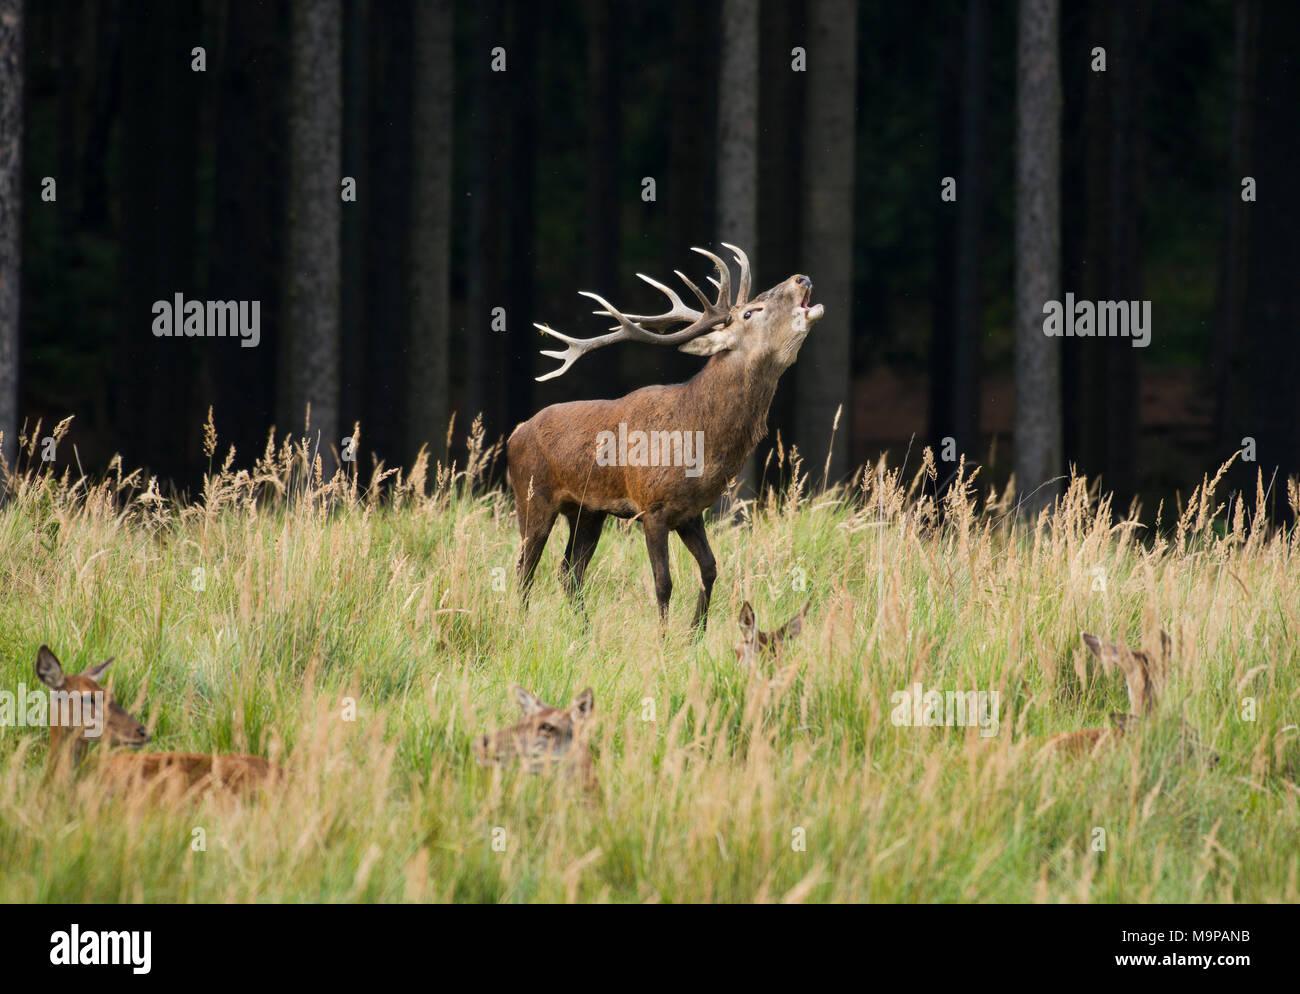 Red Deer (Cervus elaphus) hurle au cours de saison du rut, les femelles se trouvent dans l'herbe haute, captive, Allemagne Photo Stock